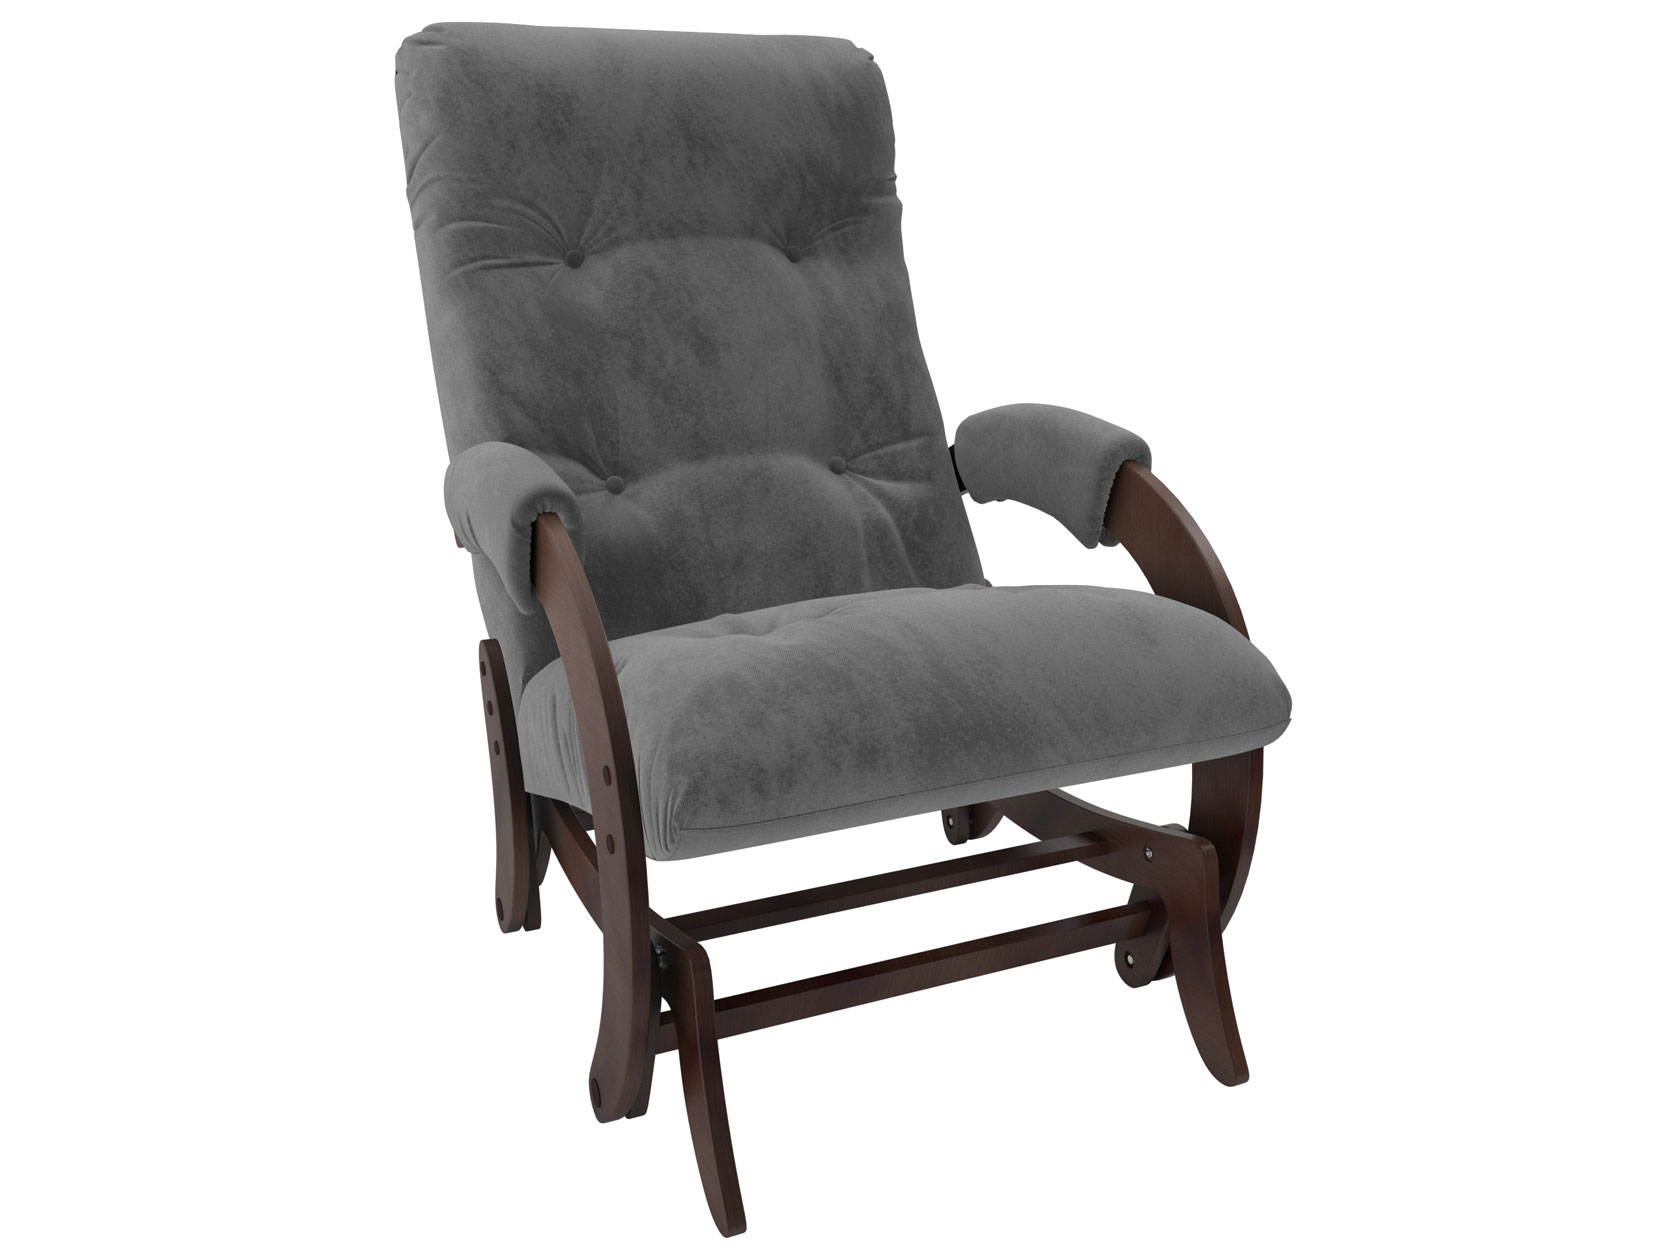 Кресло-глайдер 108-100246